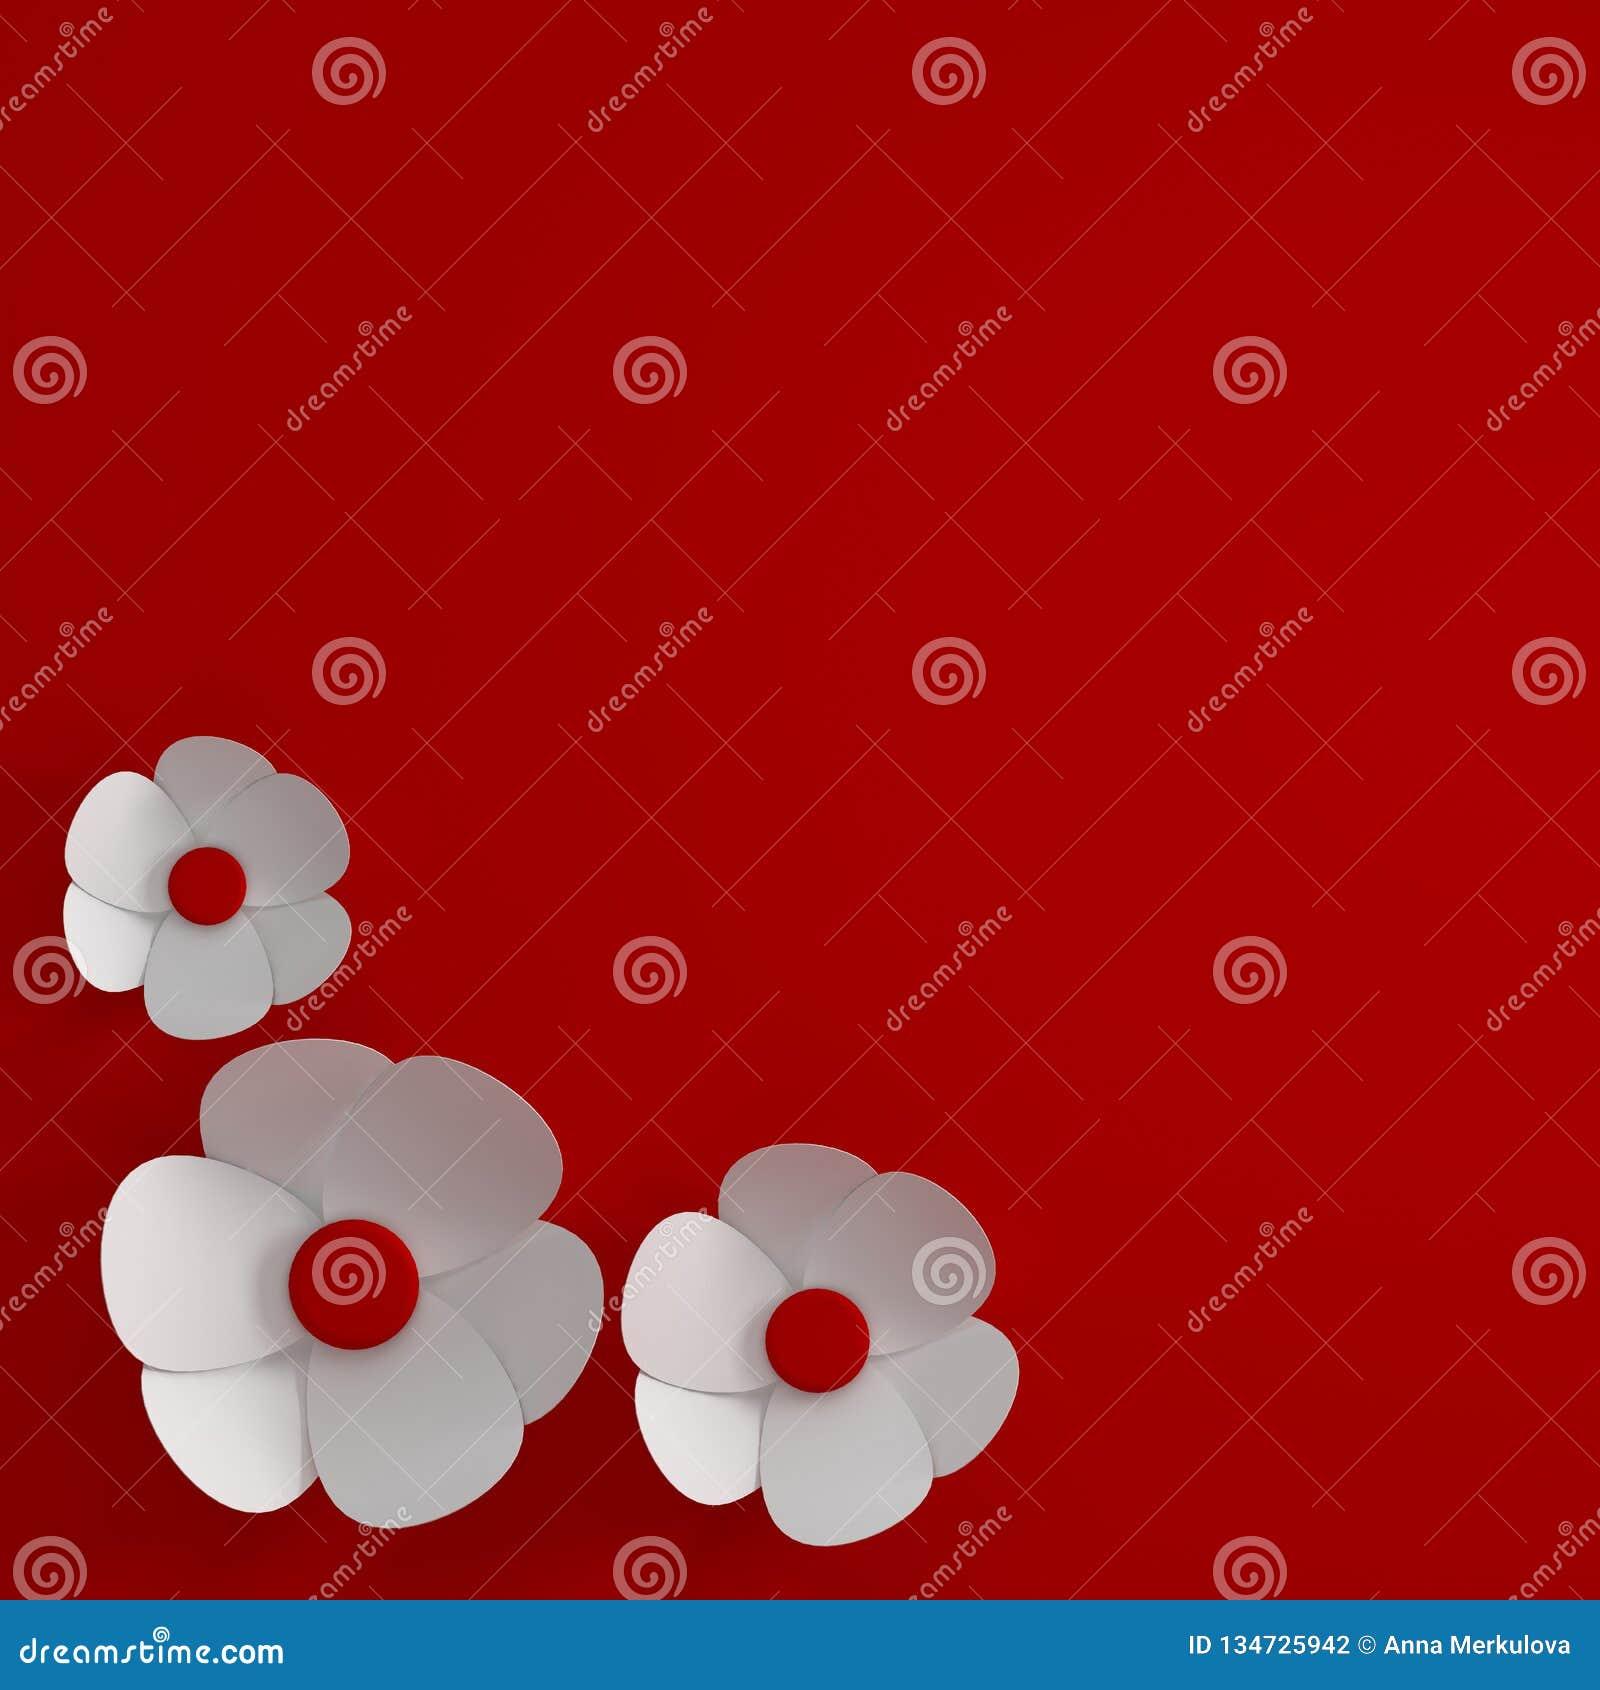 3d Render Paper Flowers Digital Illustration Red Background White Paper Flowers Floral Composition Background Wedding Card Stock Illustration Illustration Of Design Floral 134725942